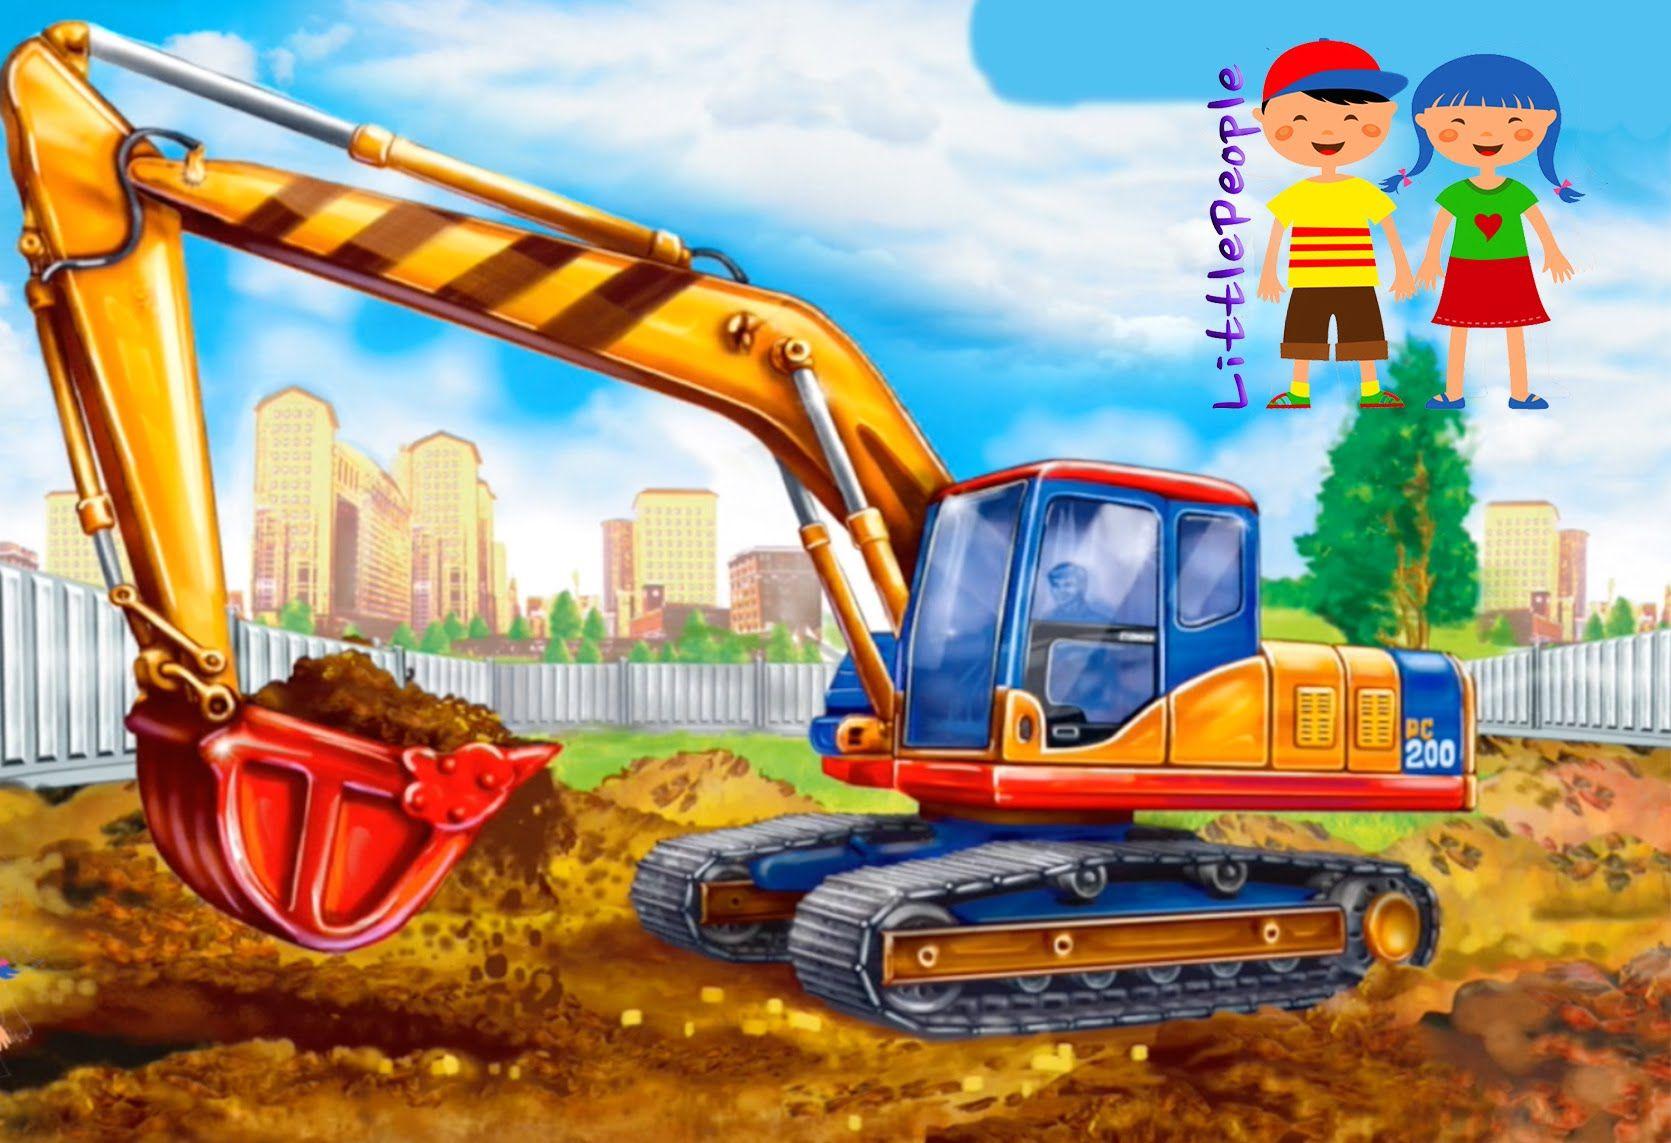 Картинки для детей строительные машины